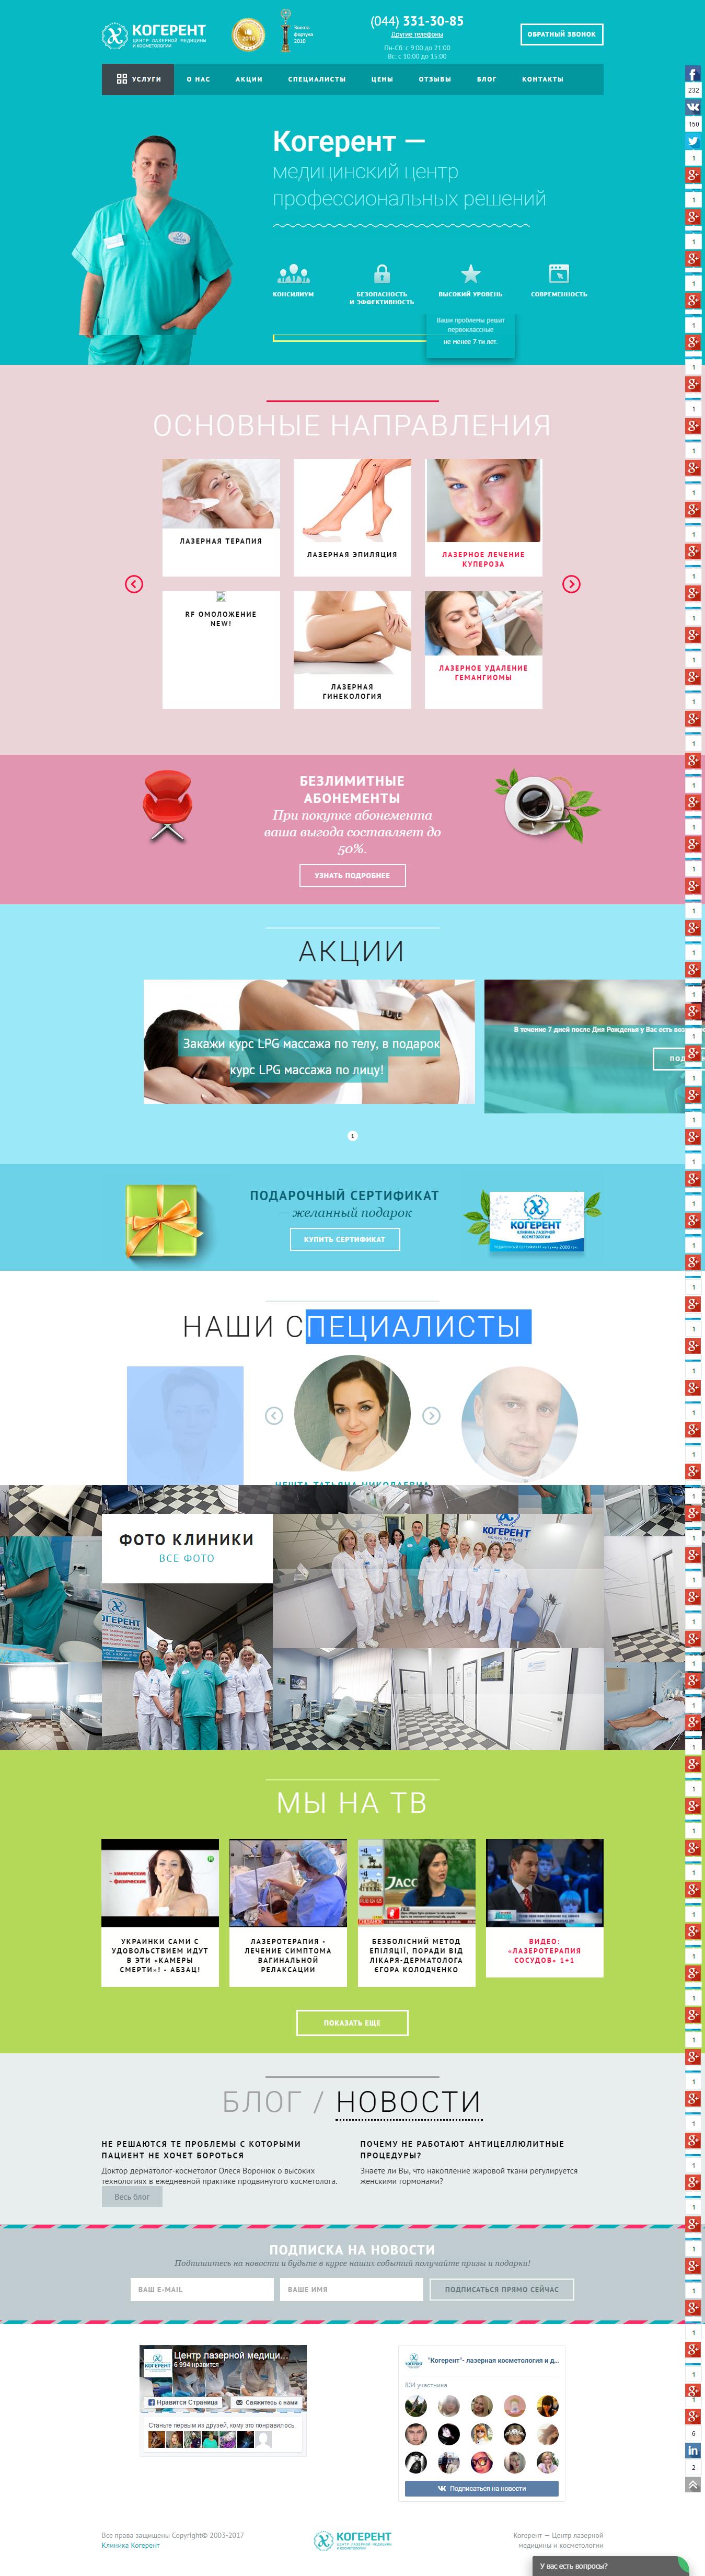 Центр лазерной медицины и косметологии Когерент